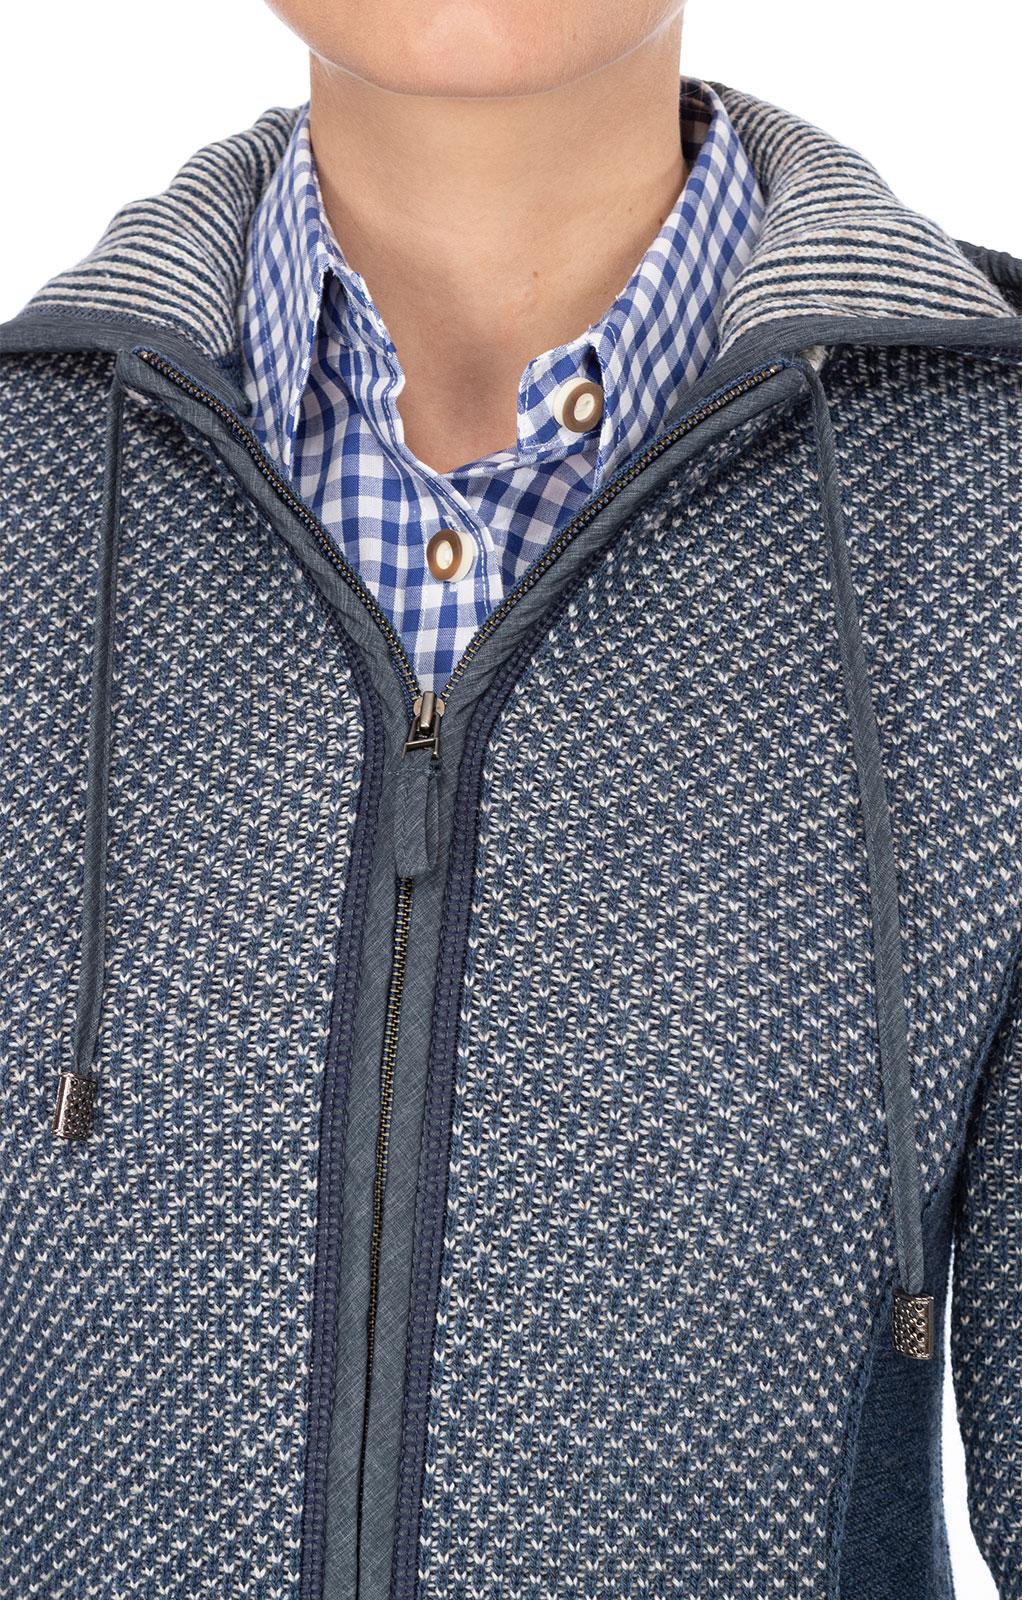 weitere Bilder von Trachten Strickjacke KULMBACH SJ jeansblau